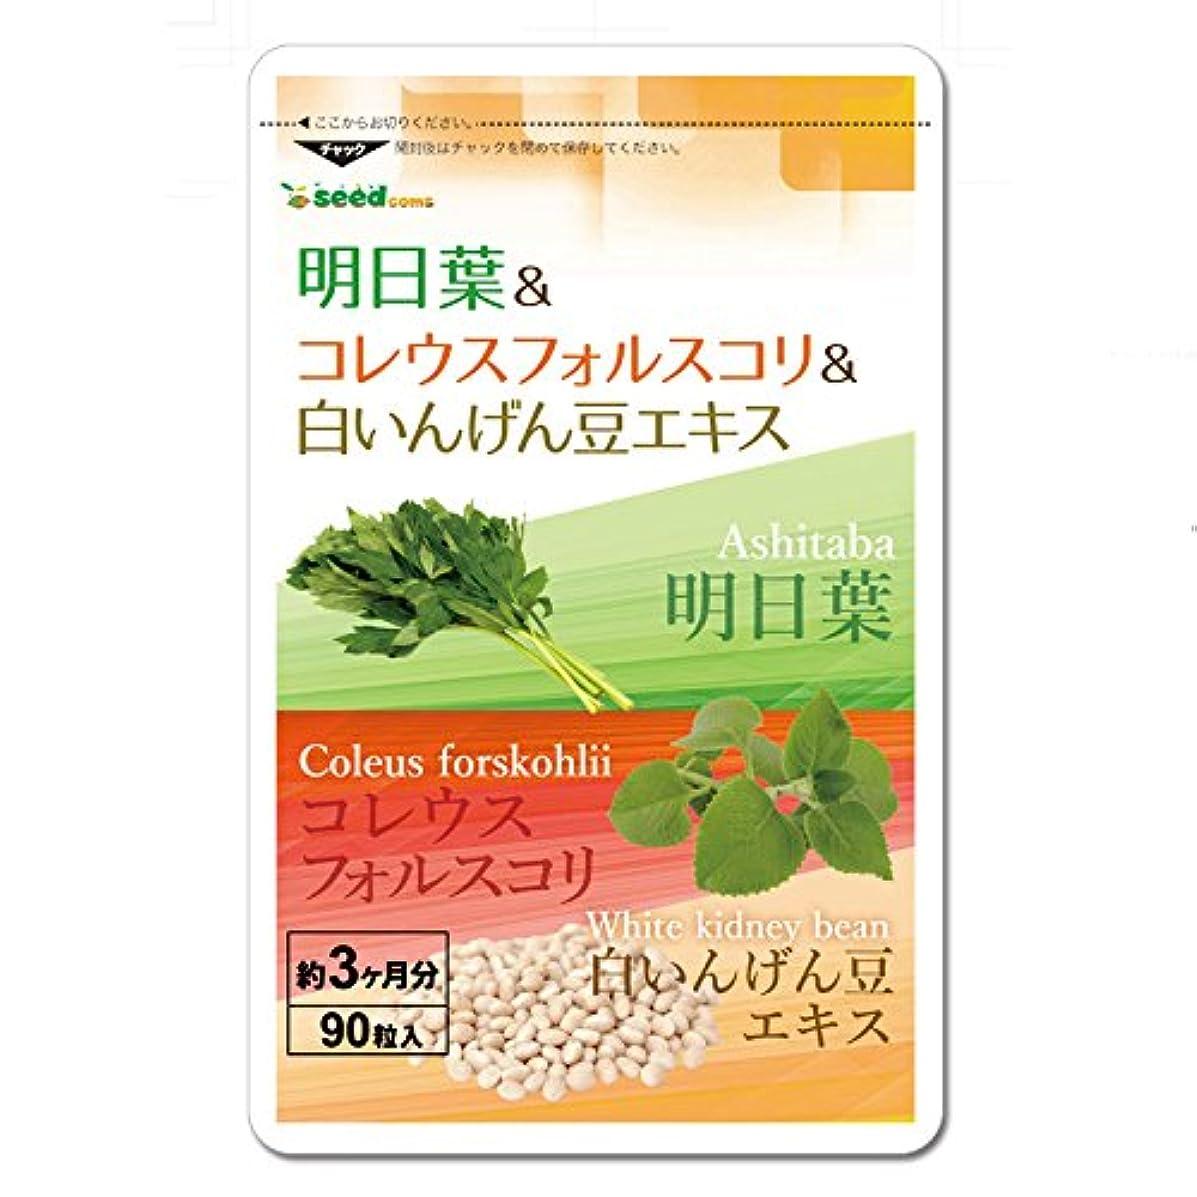 見えるコンデンサーうなり声明日葉 & コレウスフォルスコリ & 白インゲン豆 エキス (約3ヶ月分/90粒) スッキリ&燃焼系&糖質バリアの3大ダイエット成分